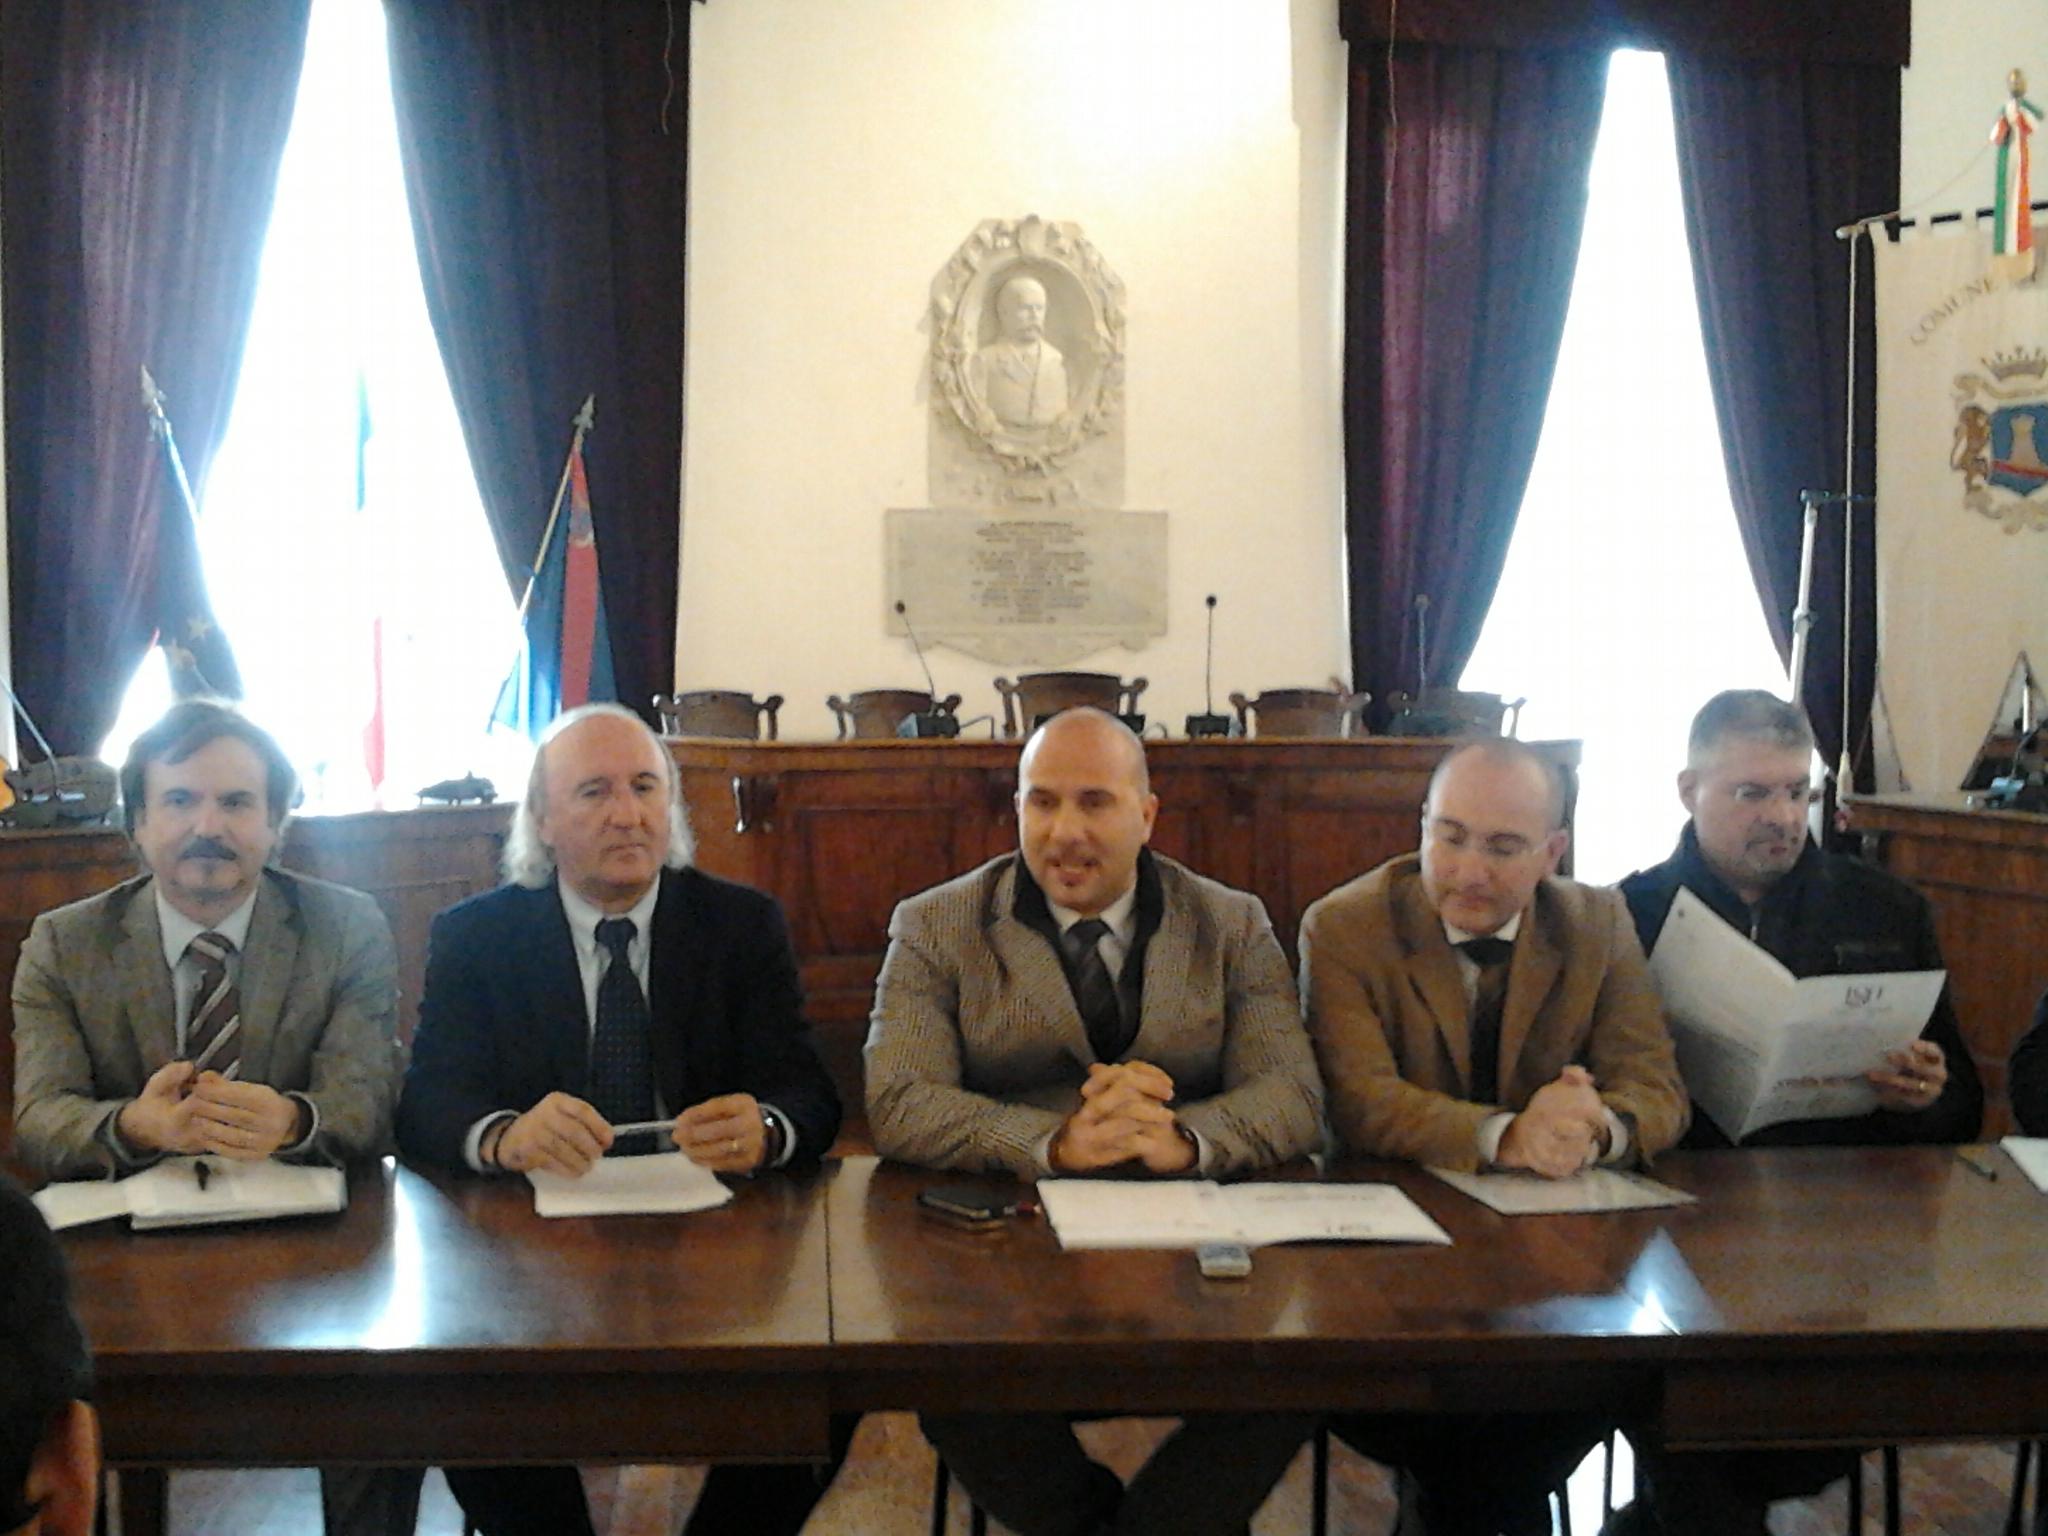 Piergiorgio Butteri, Gianpietro Casagrande, Valerio Lucciarini, Piero Antimiani, Luigi Massa